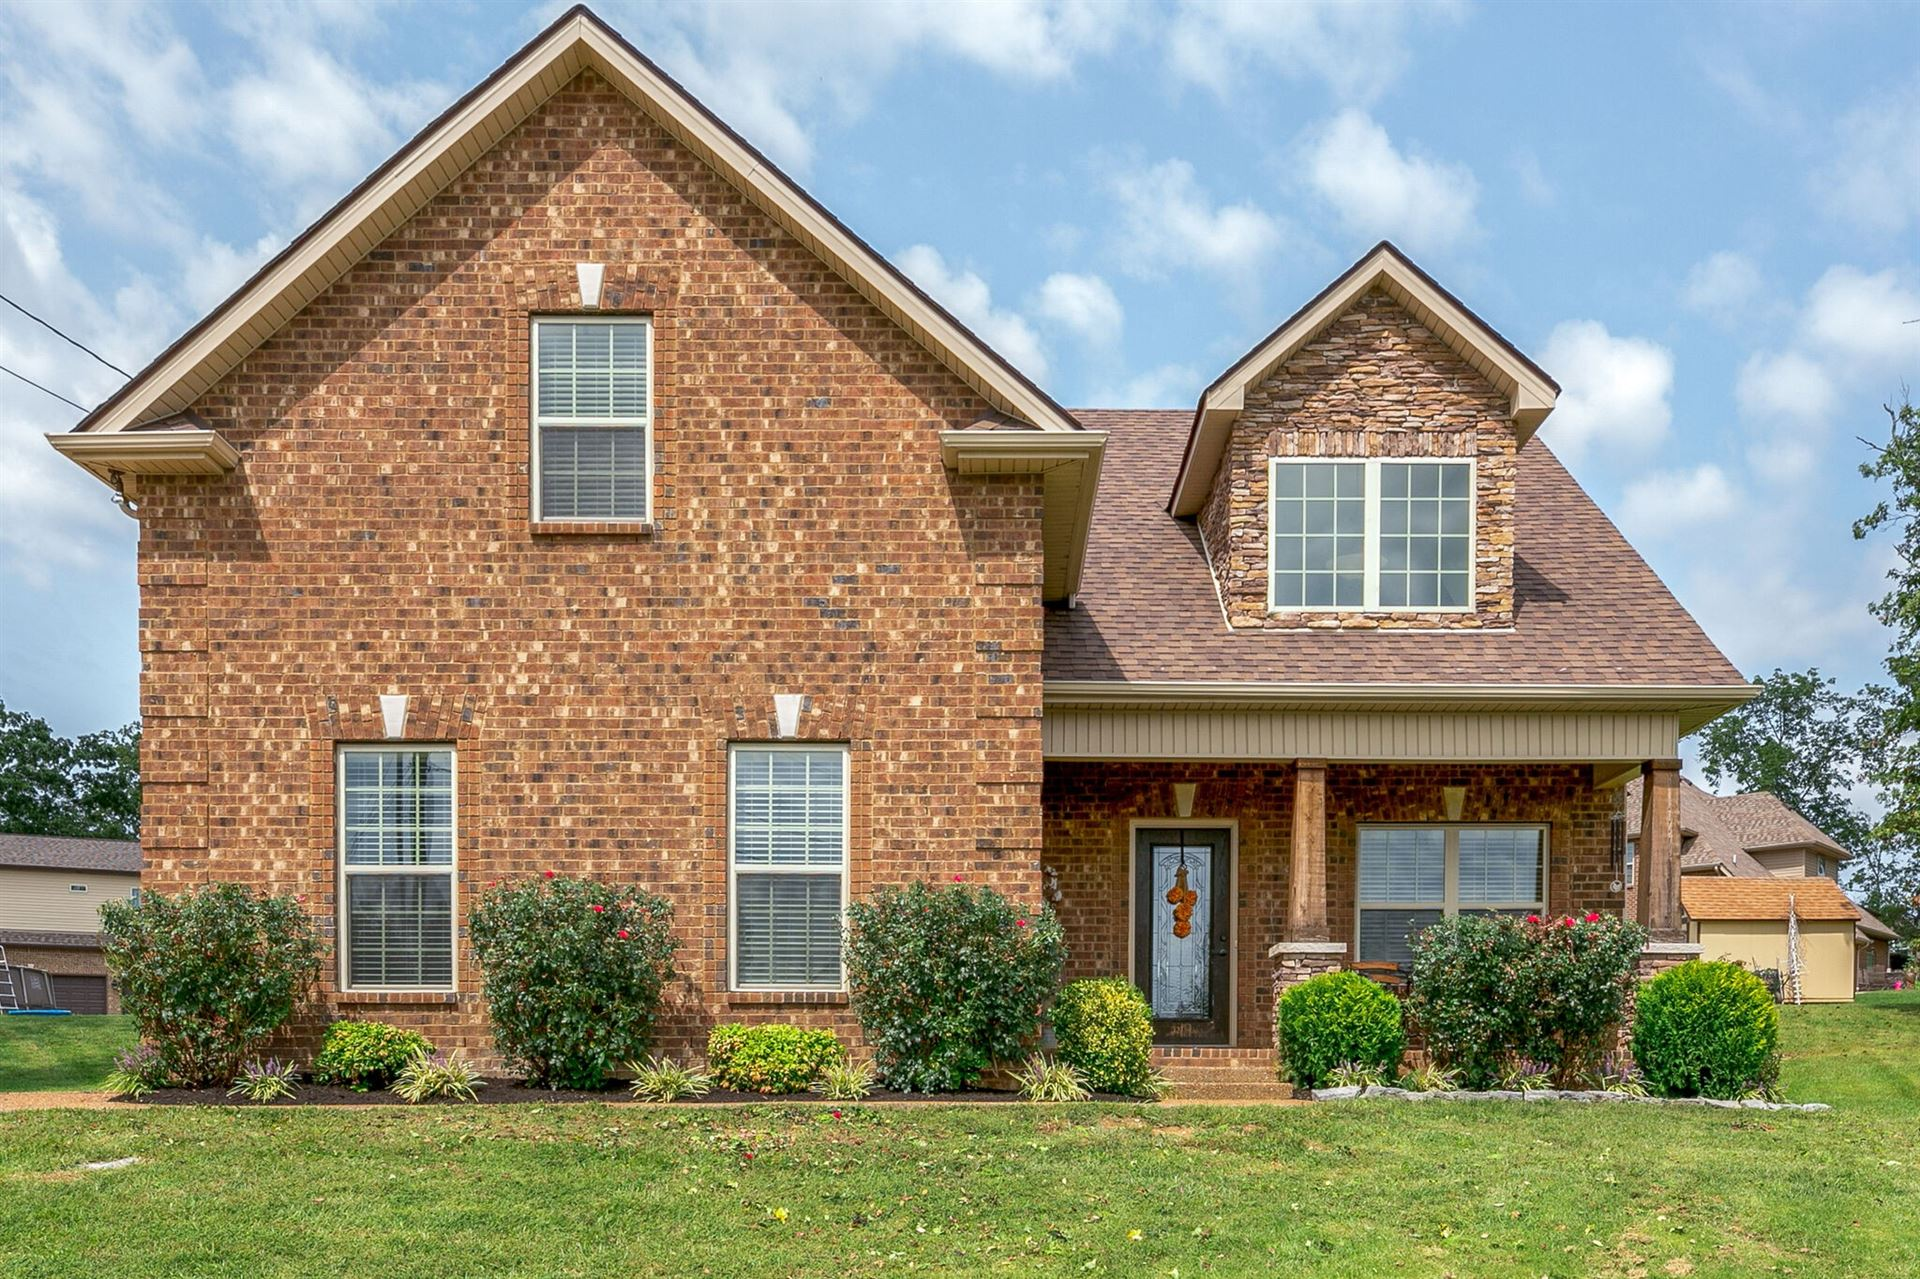 1103 Rivercrest Drive, Murfreesboro, TN 37129 - MLS#: 2190338